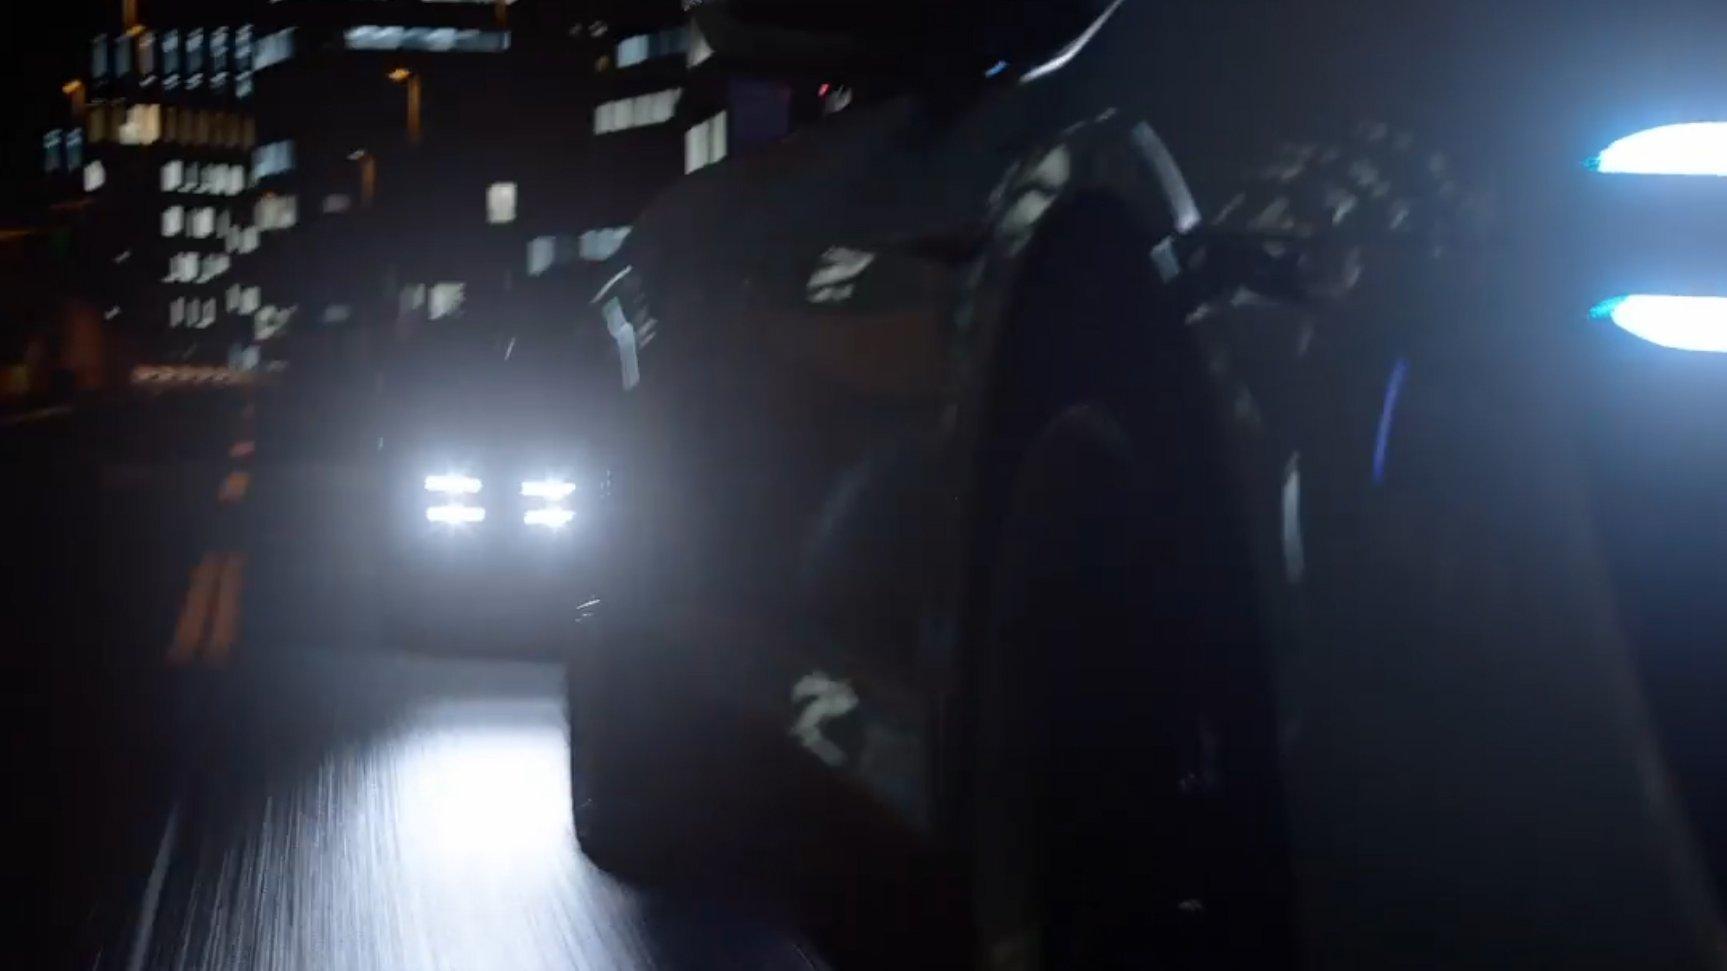 Porsche Teases Mystery Car in Gran Turismo 7 Trailer